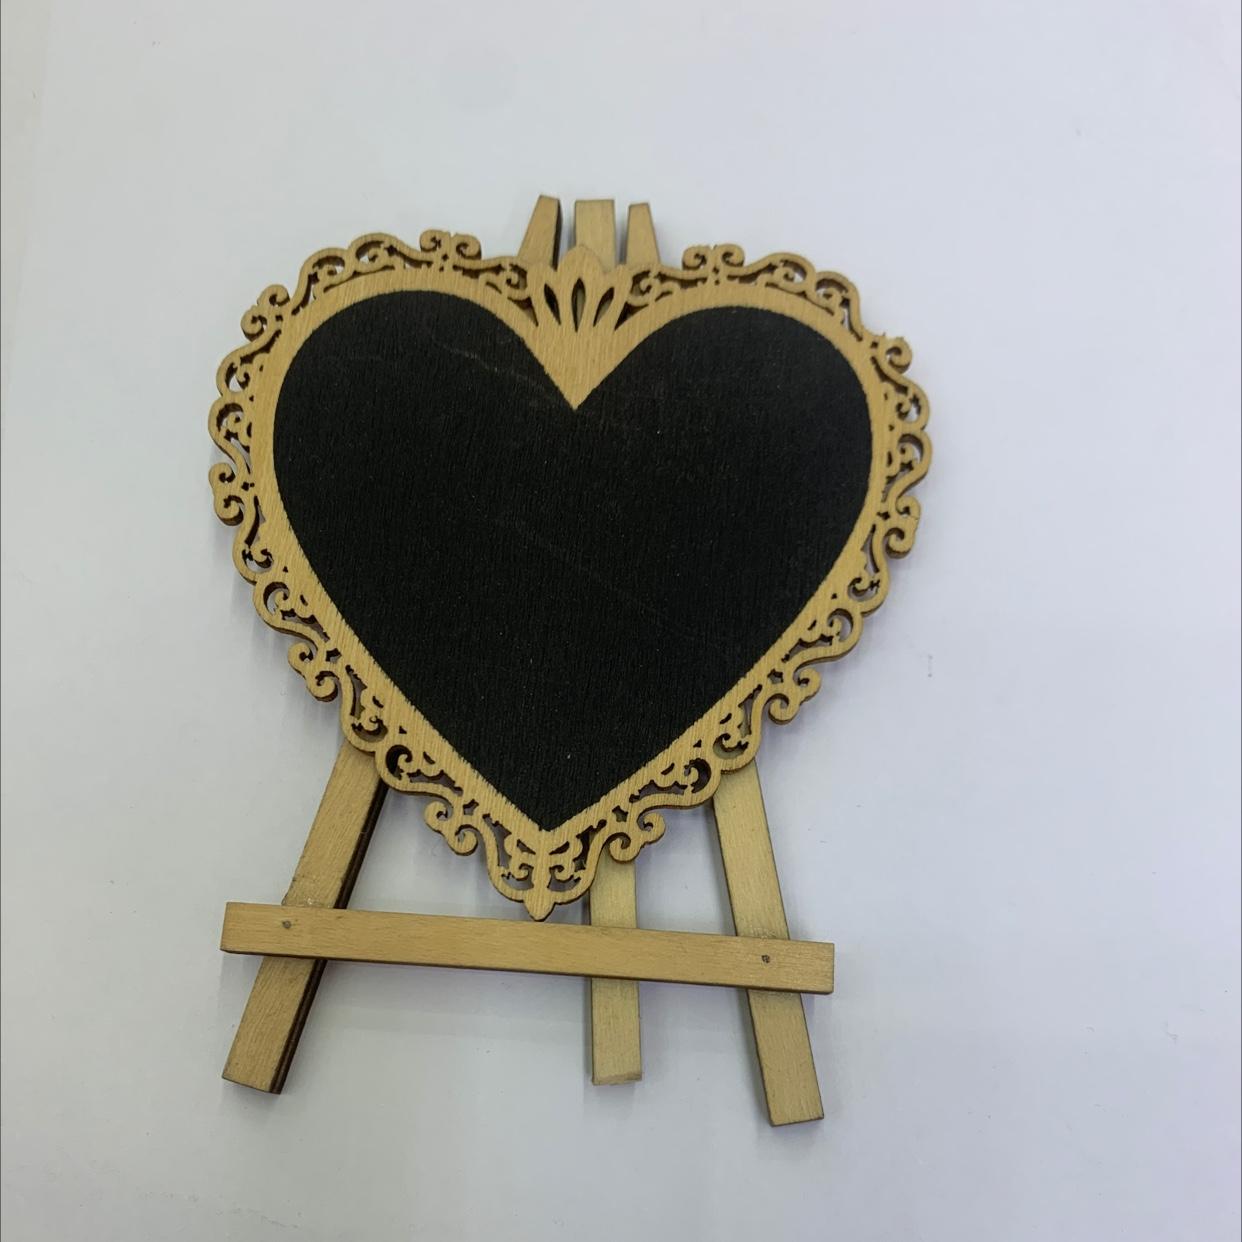 爱心形状 三脚架 留言板 木制 装饰摆件 100